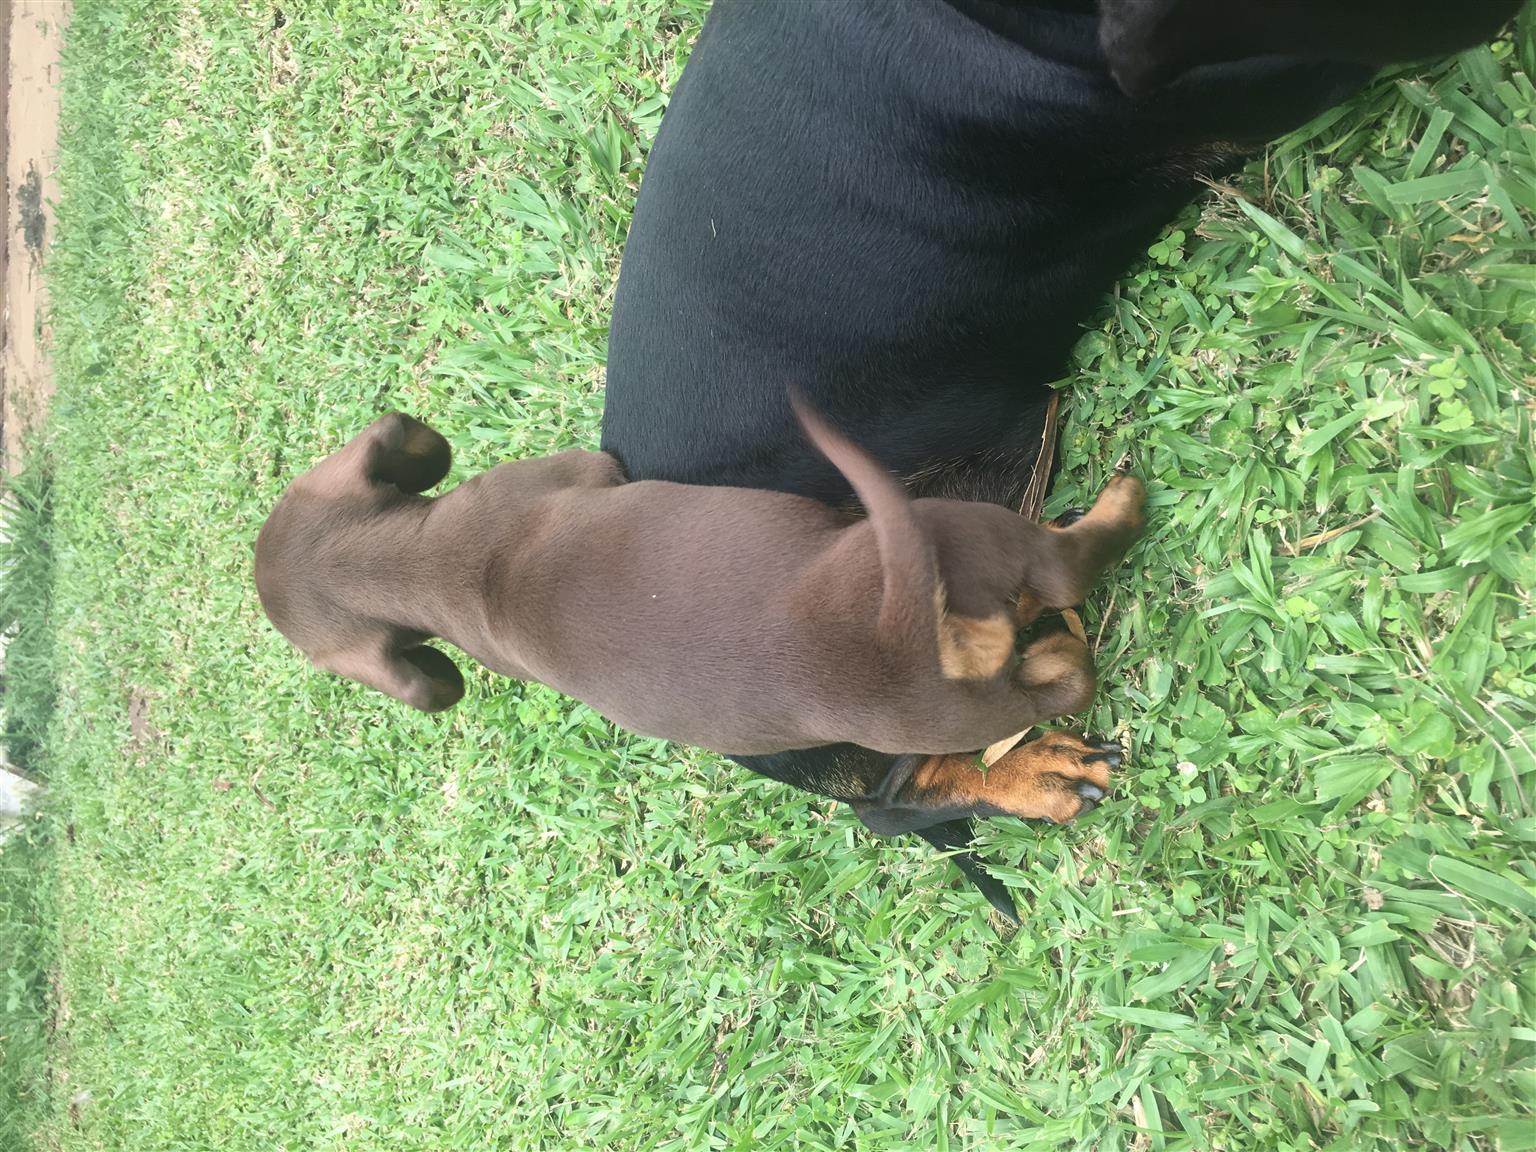 Miniture daschund puppies